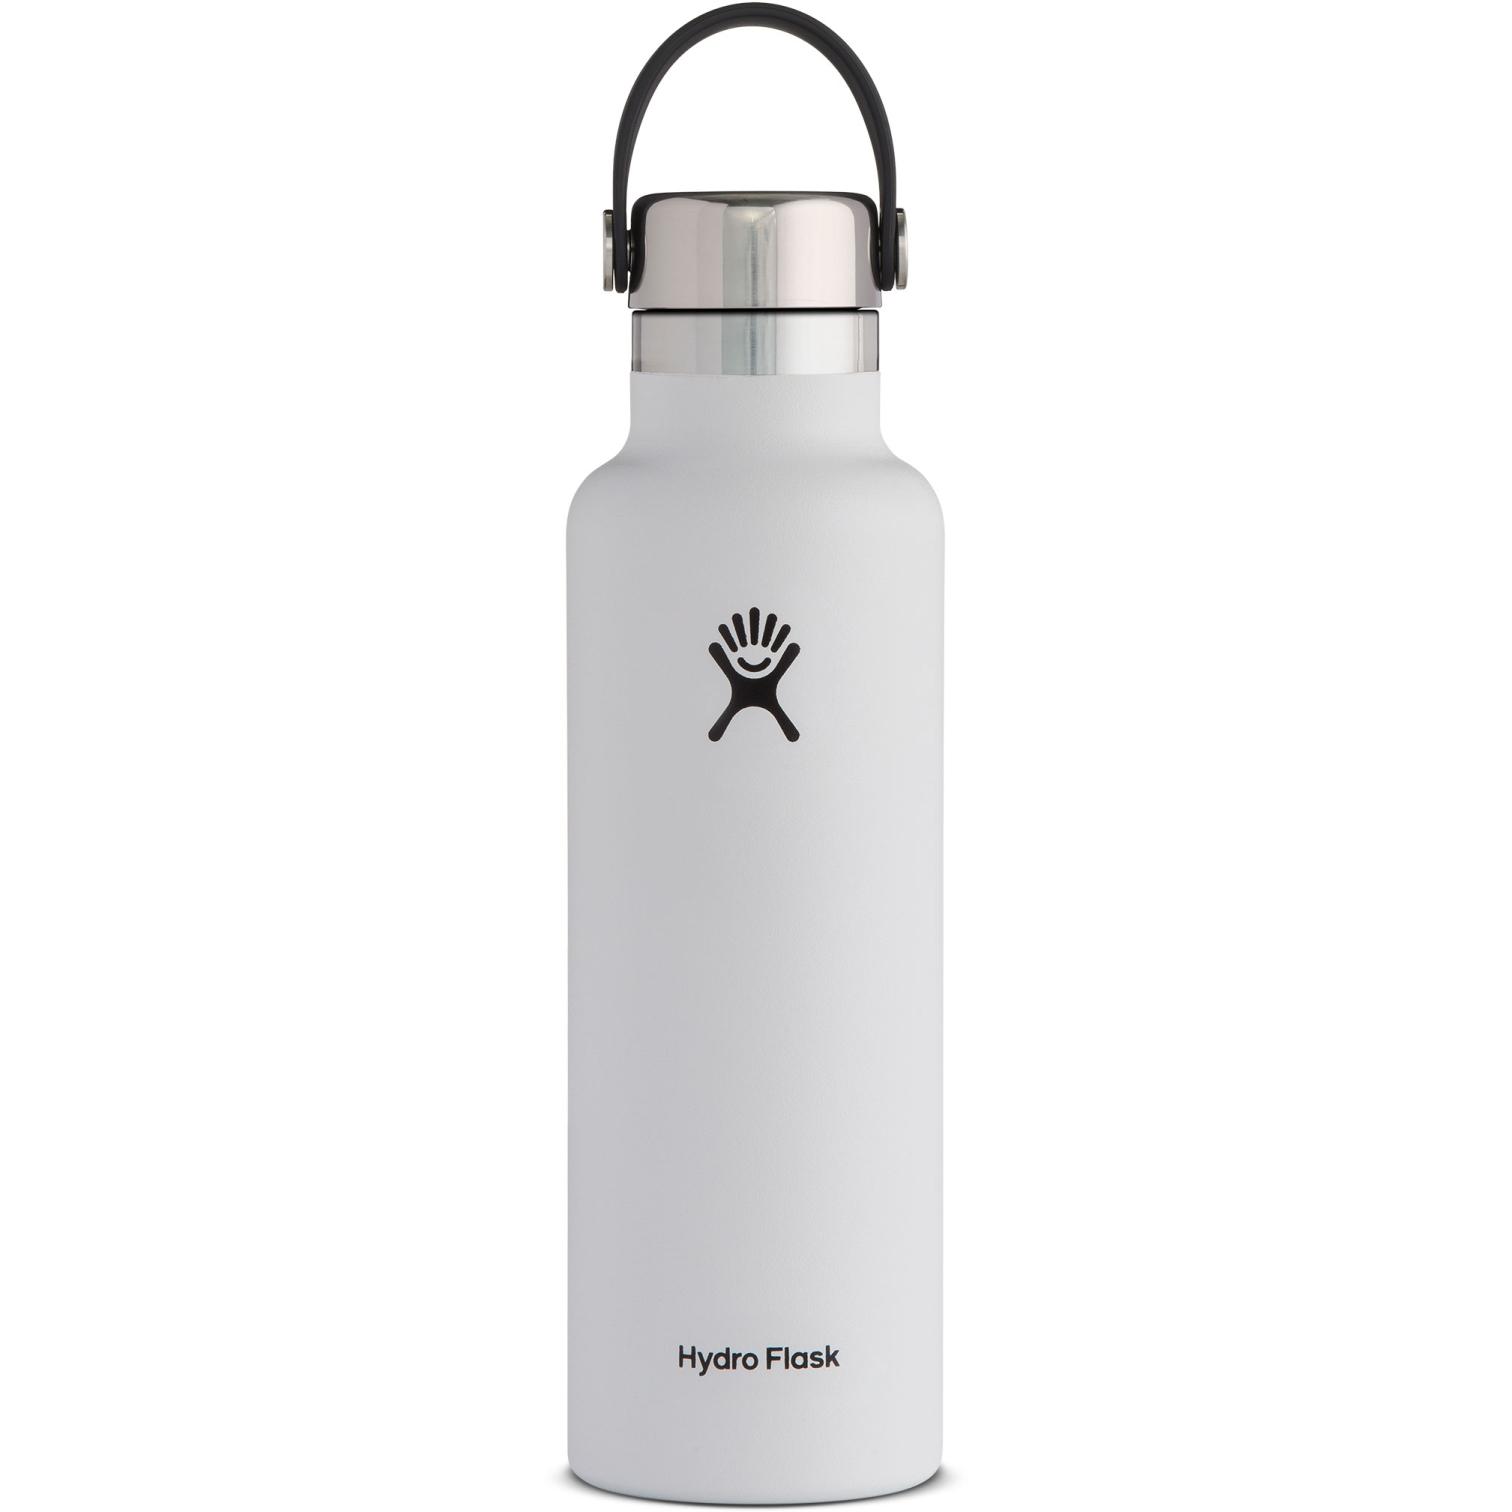 Produktbild von Hydro Flask 21oz Standard Mouth Cap Stainless Steel Thermoflasche - 621ml - weiß